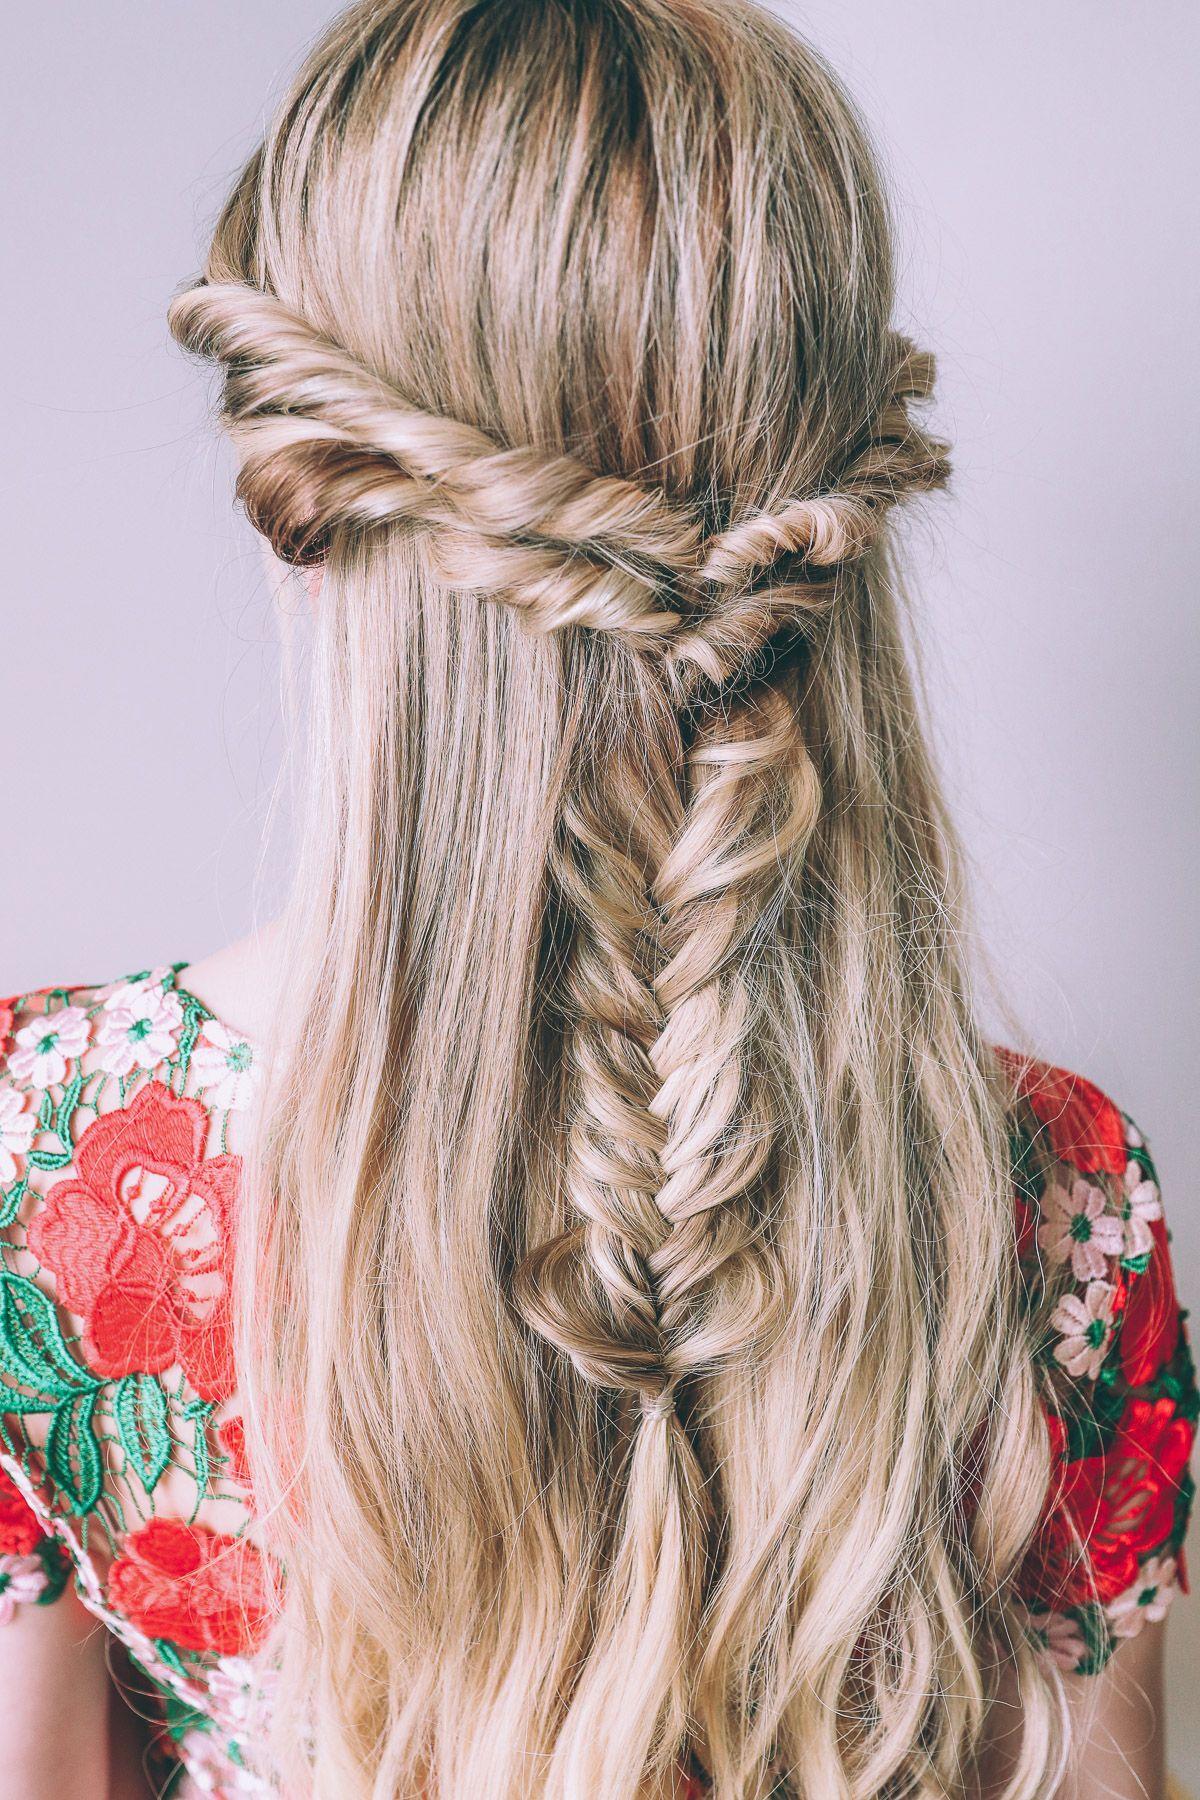 3 Eykola Xtenismata Poy 8a Sas Lysoyn Ta Xeria Cowgirl Hair Styles Hair Styles Cowgirl Hair